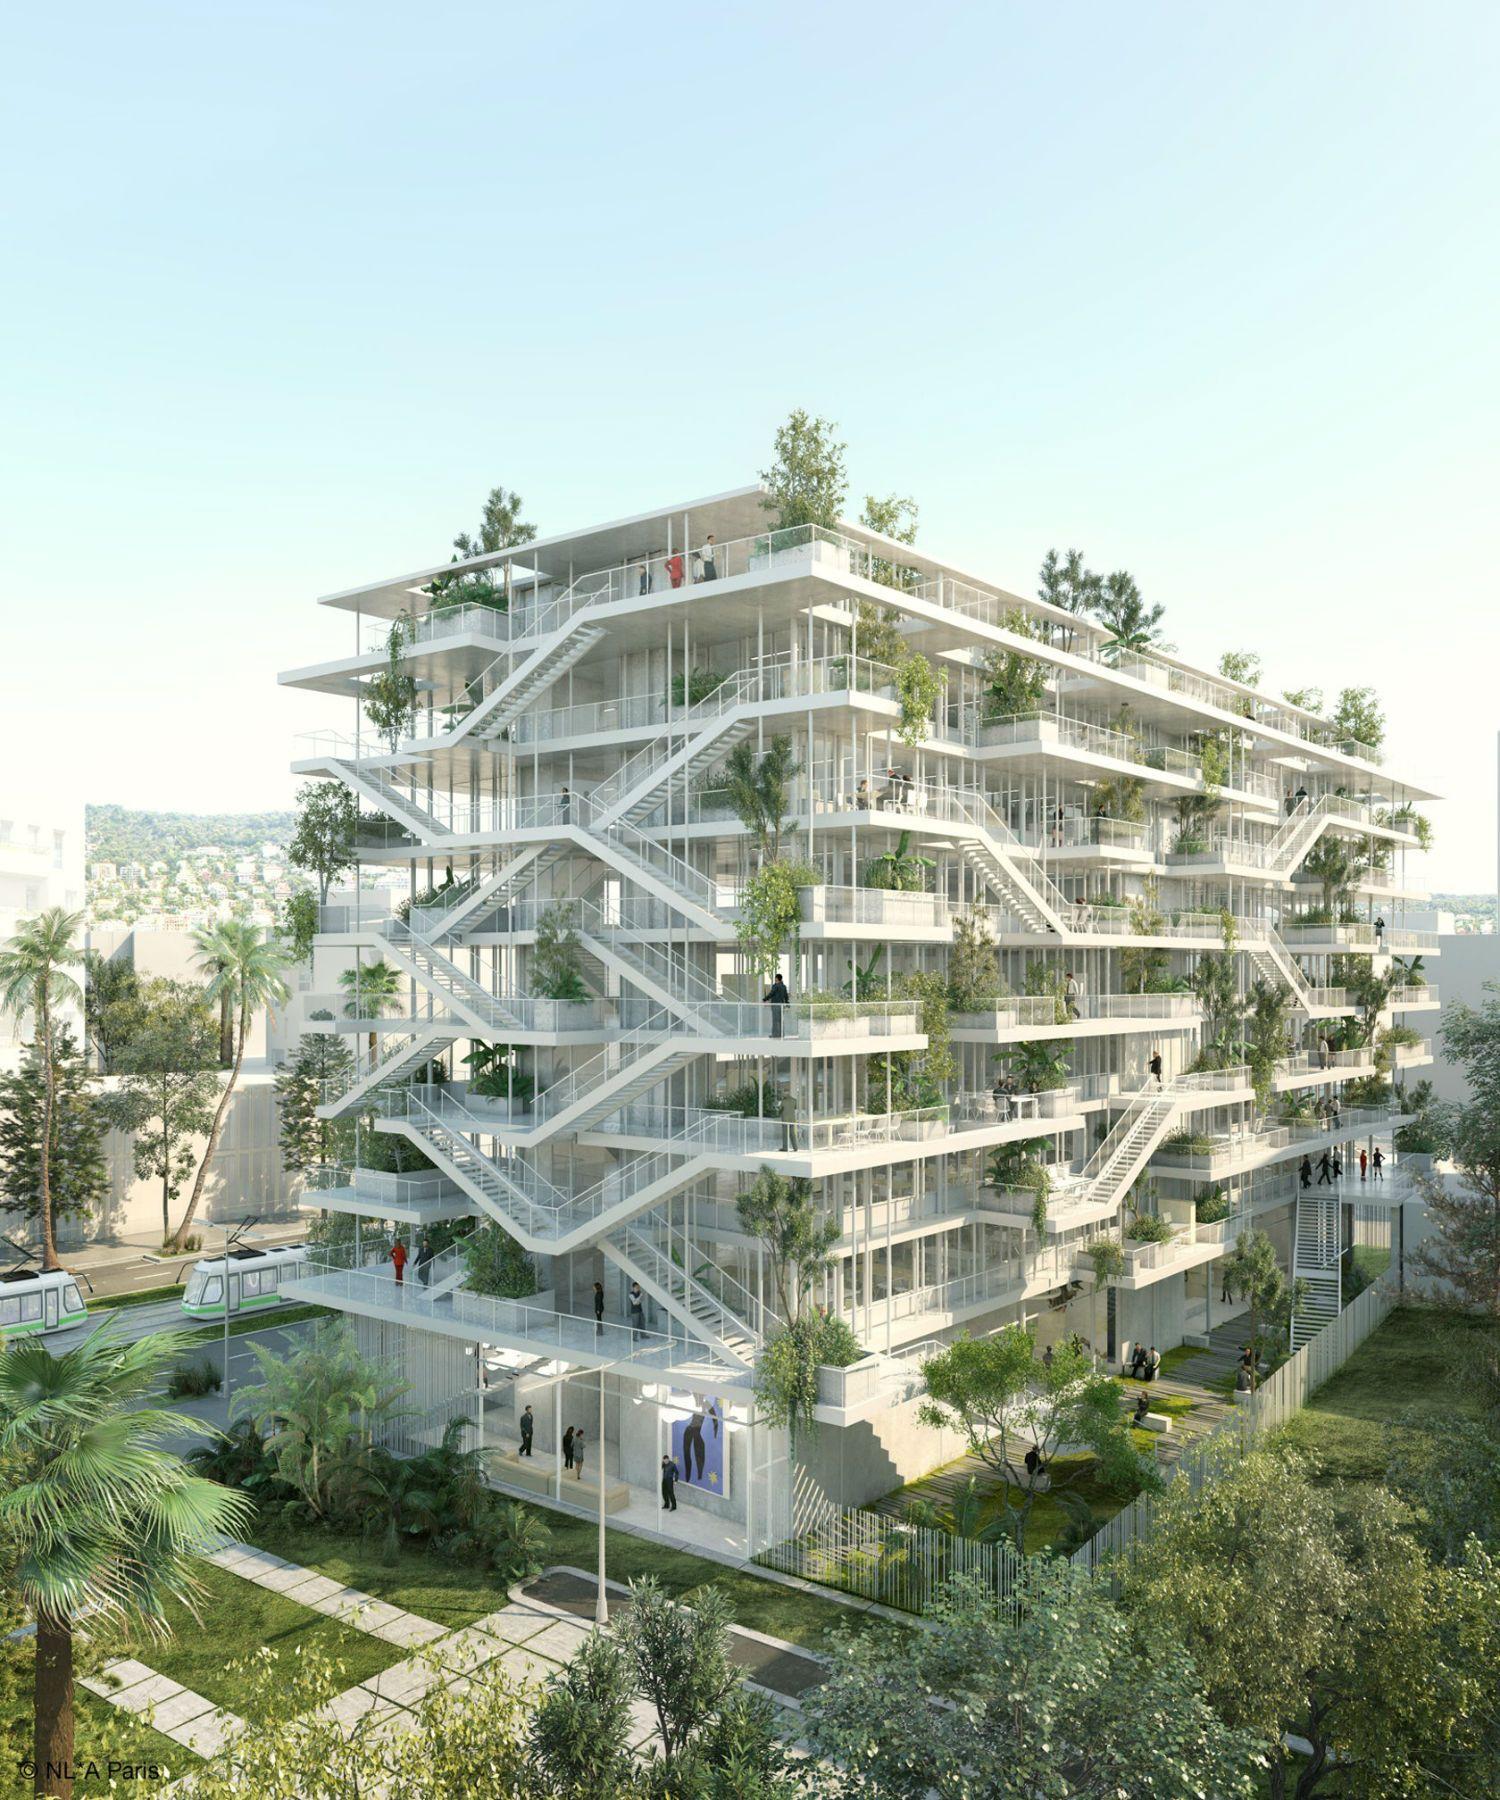 Offices with terraces | Laisné Roussel - Arch2O.com